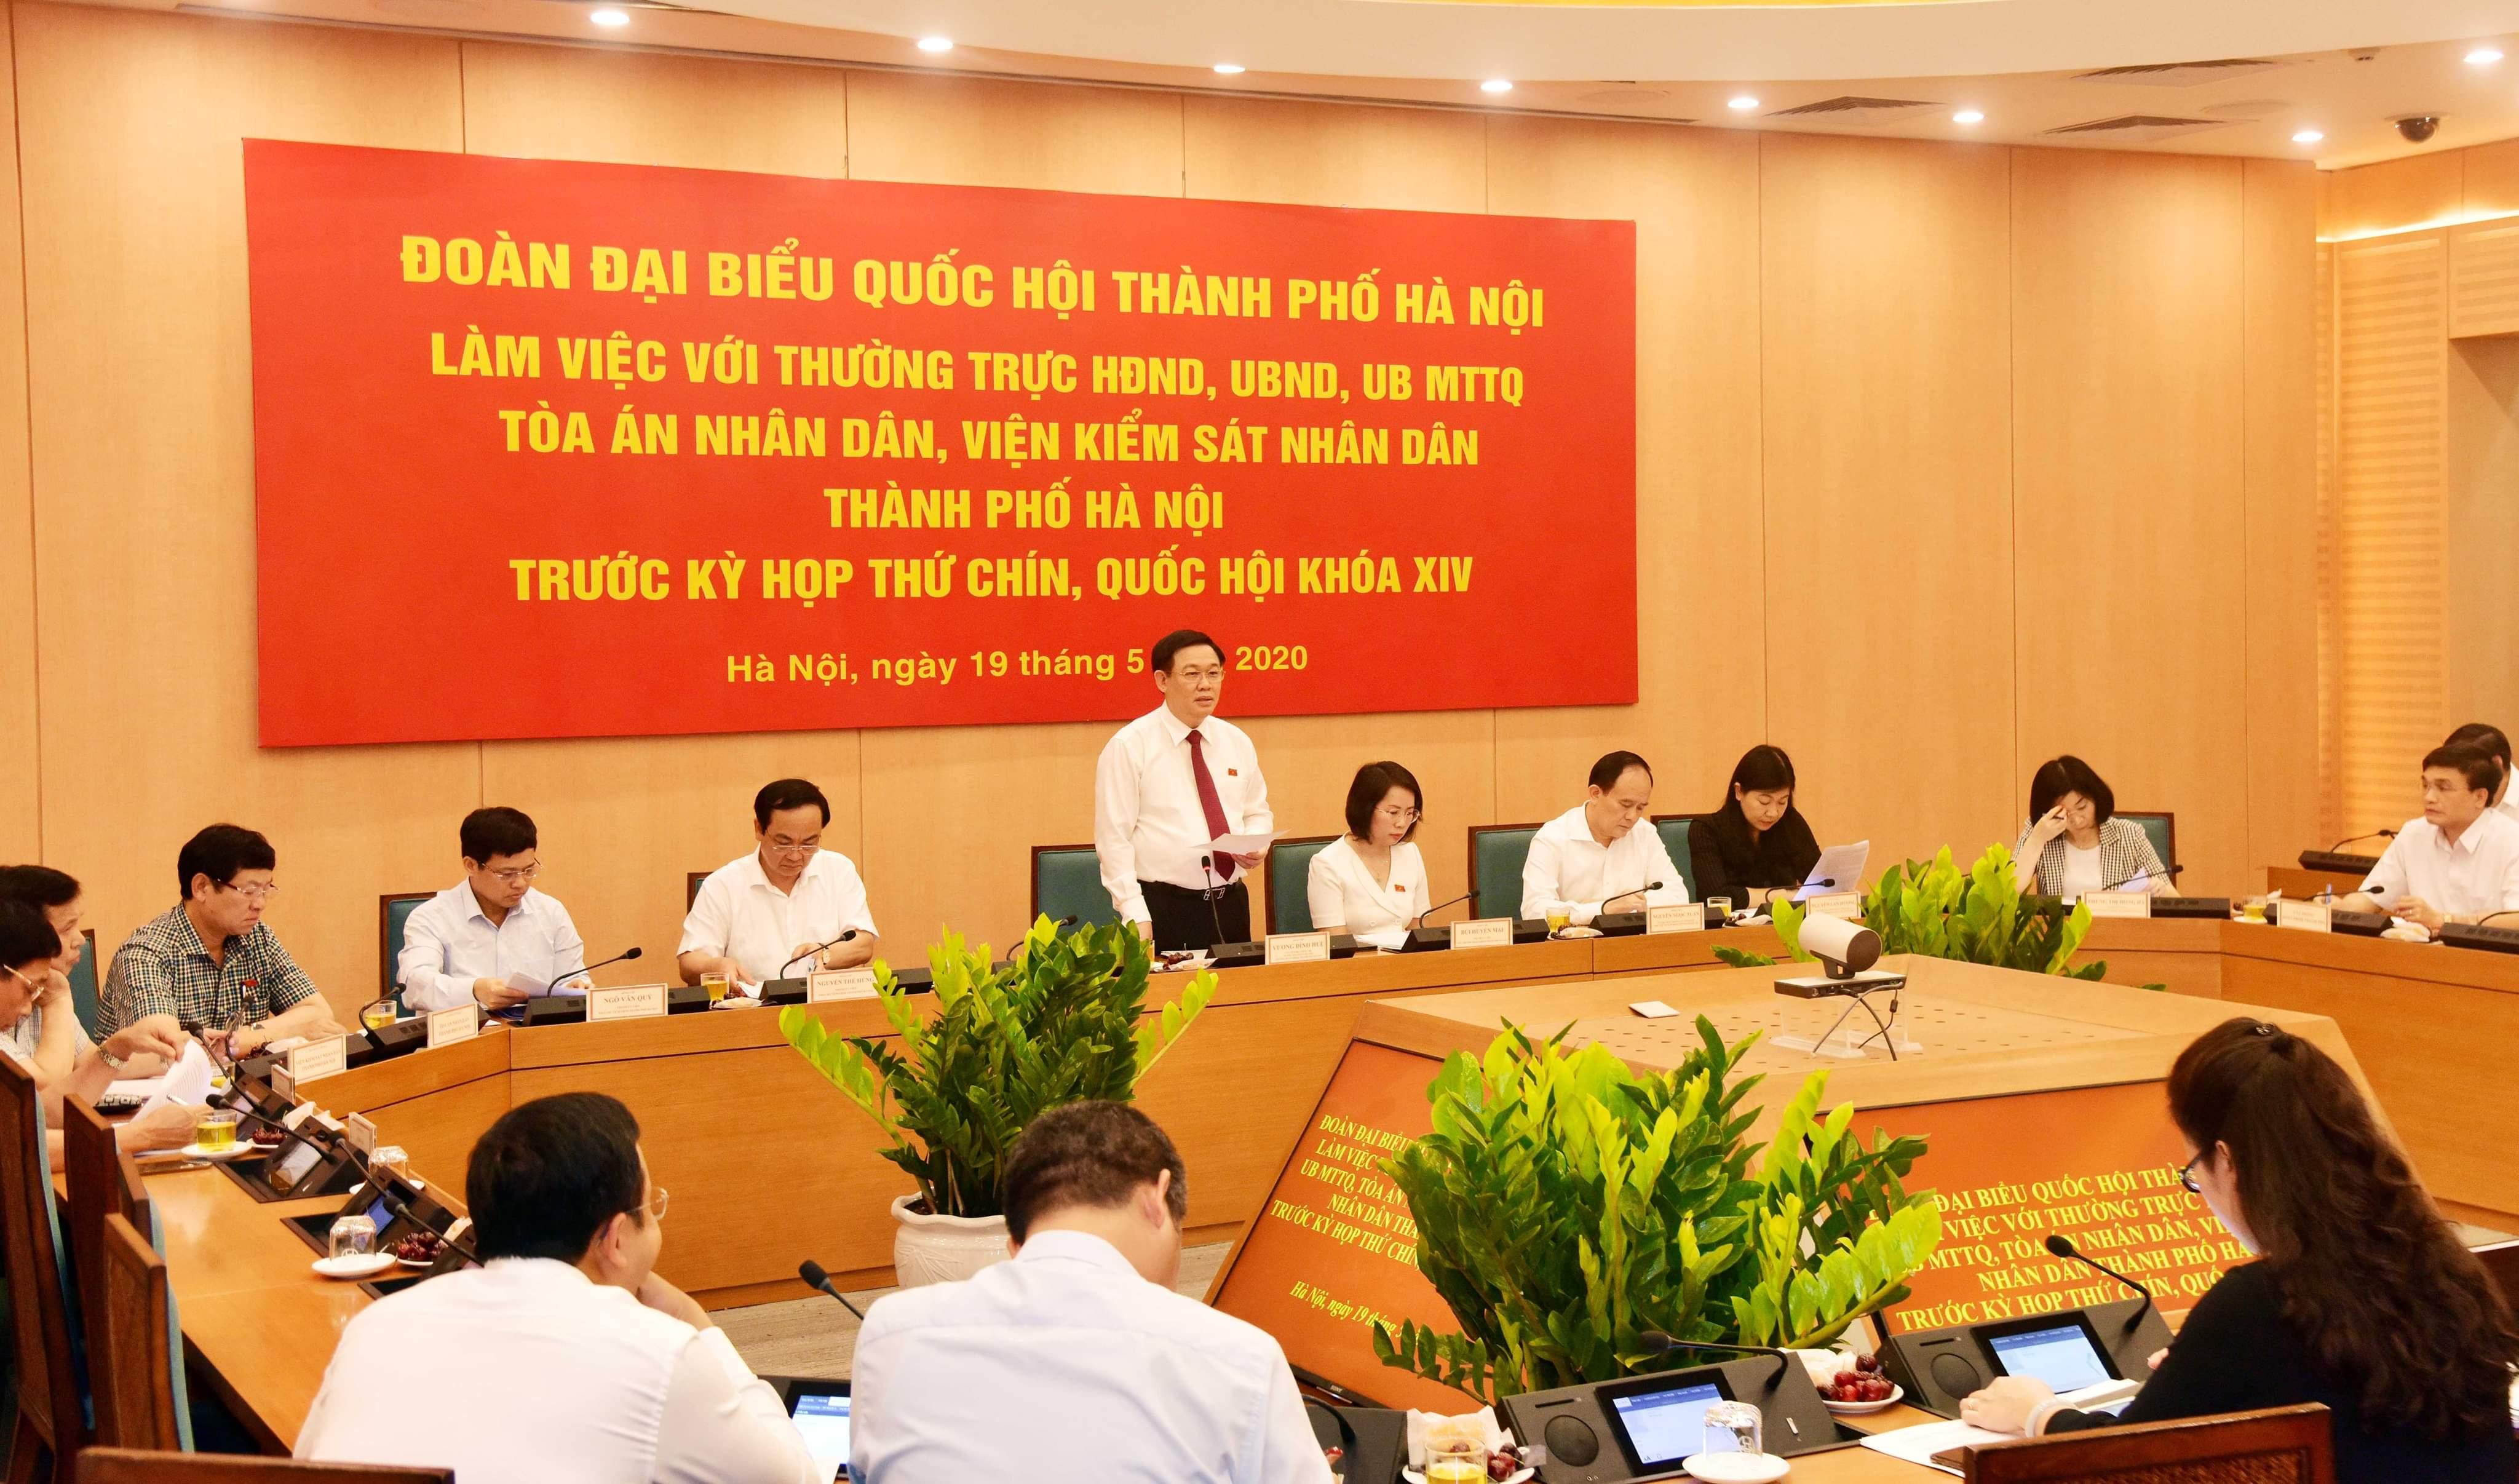 Đoàn đại biểu Quốc hội TP Hà Nội làm việc với các cơ quan của thành phố